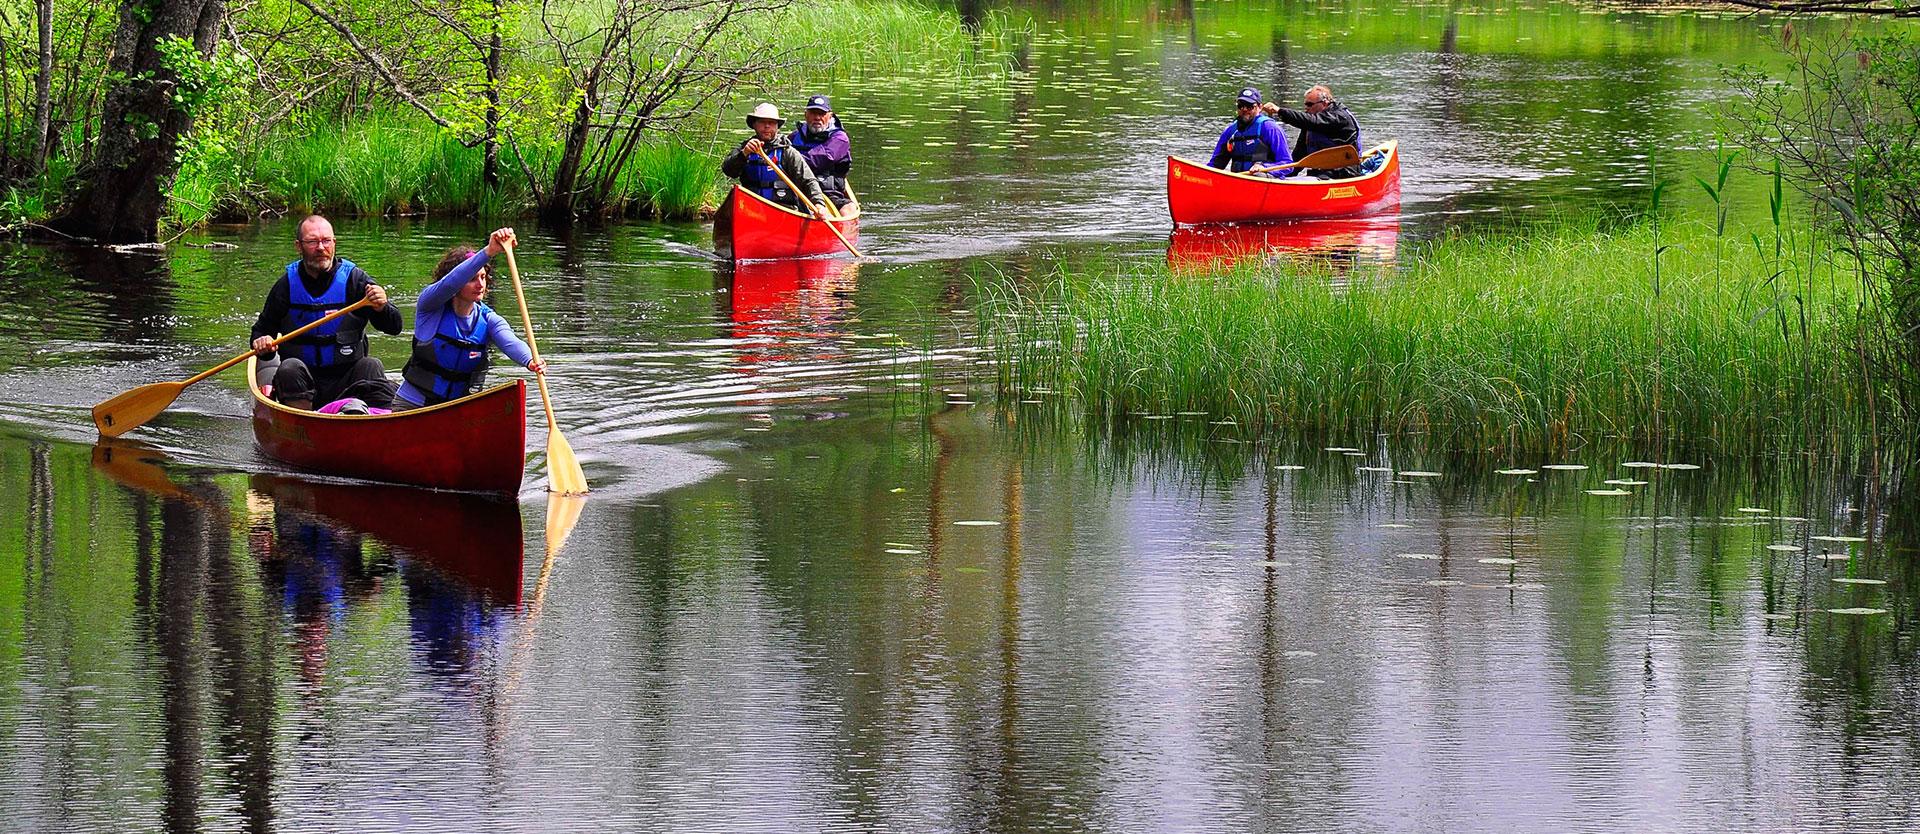 Canoe Experience Sweden - slider image